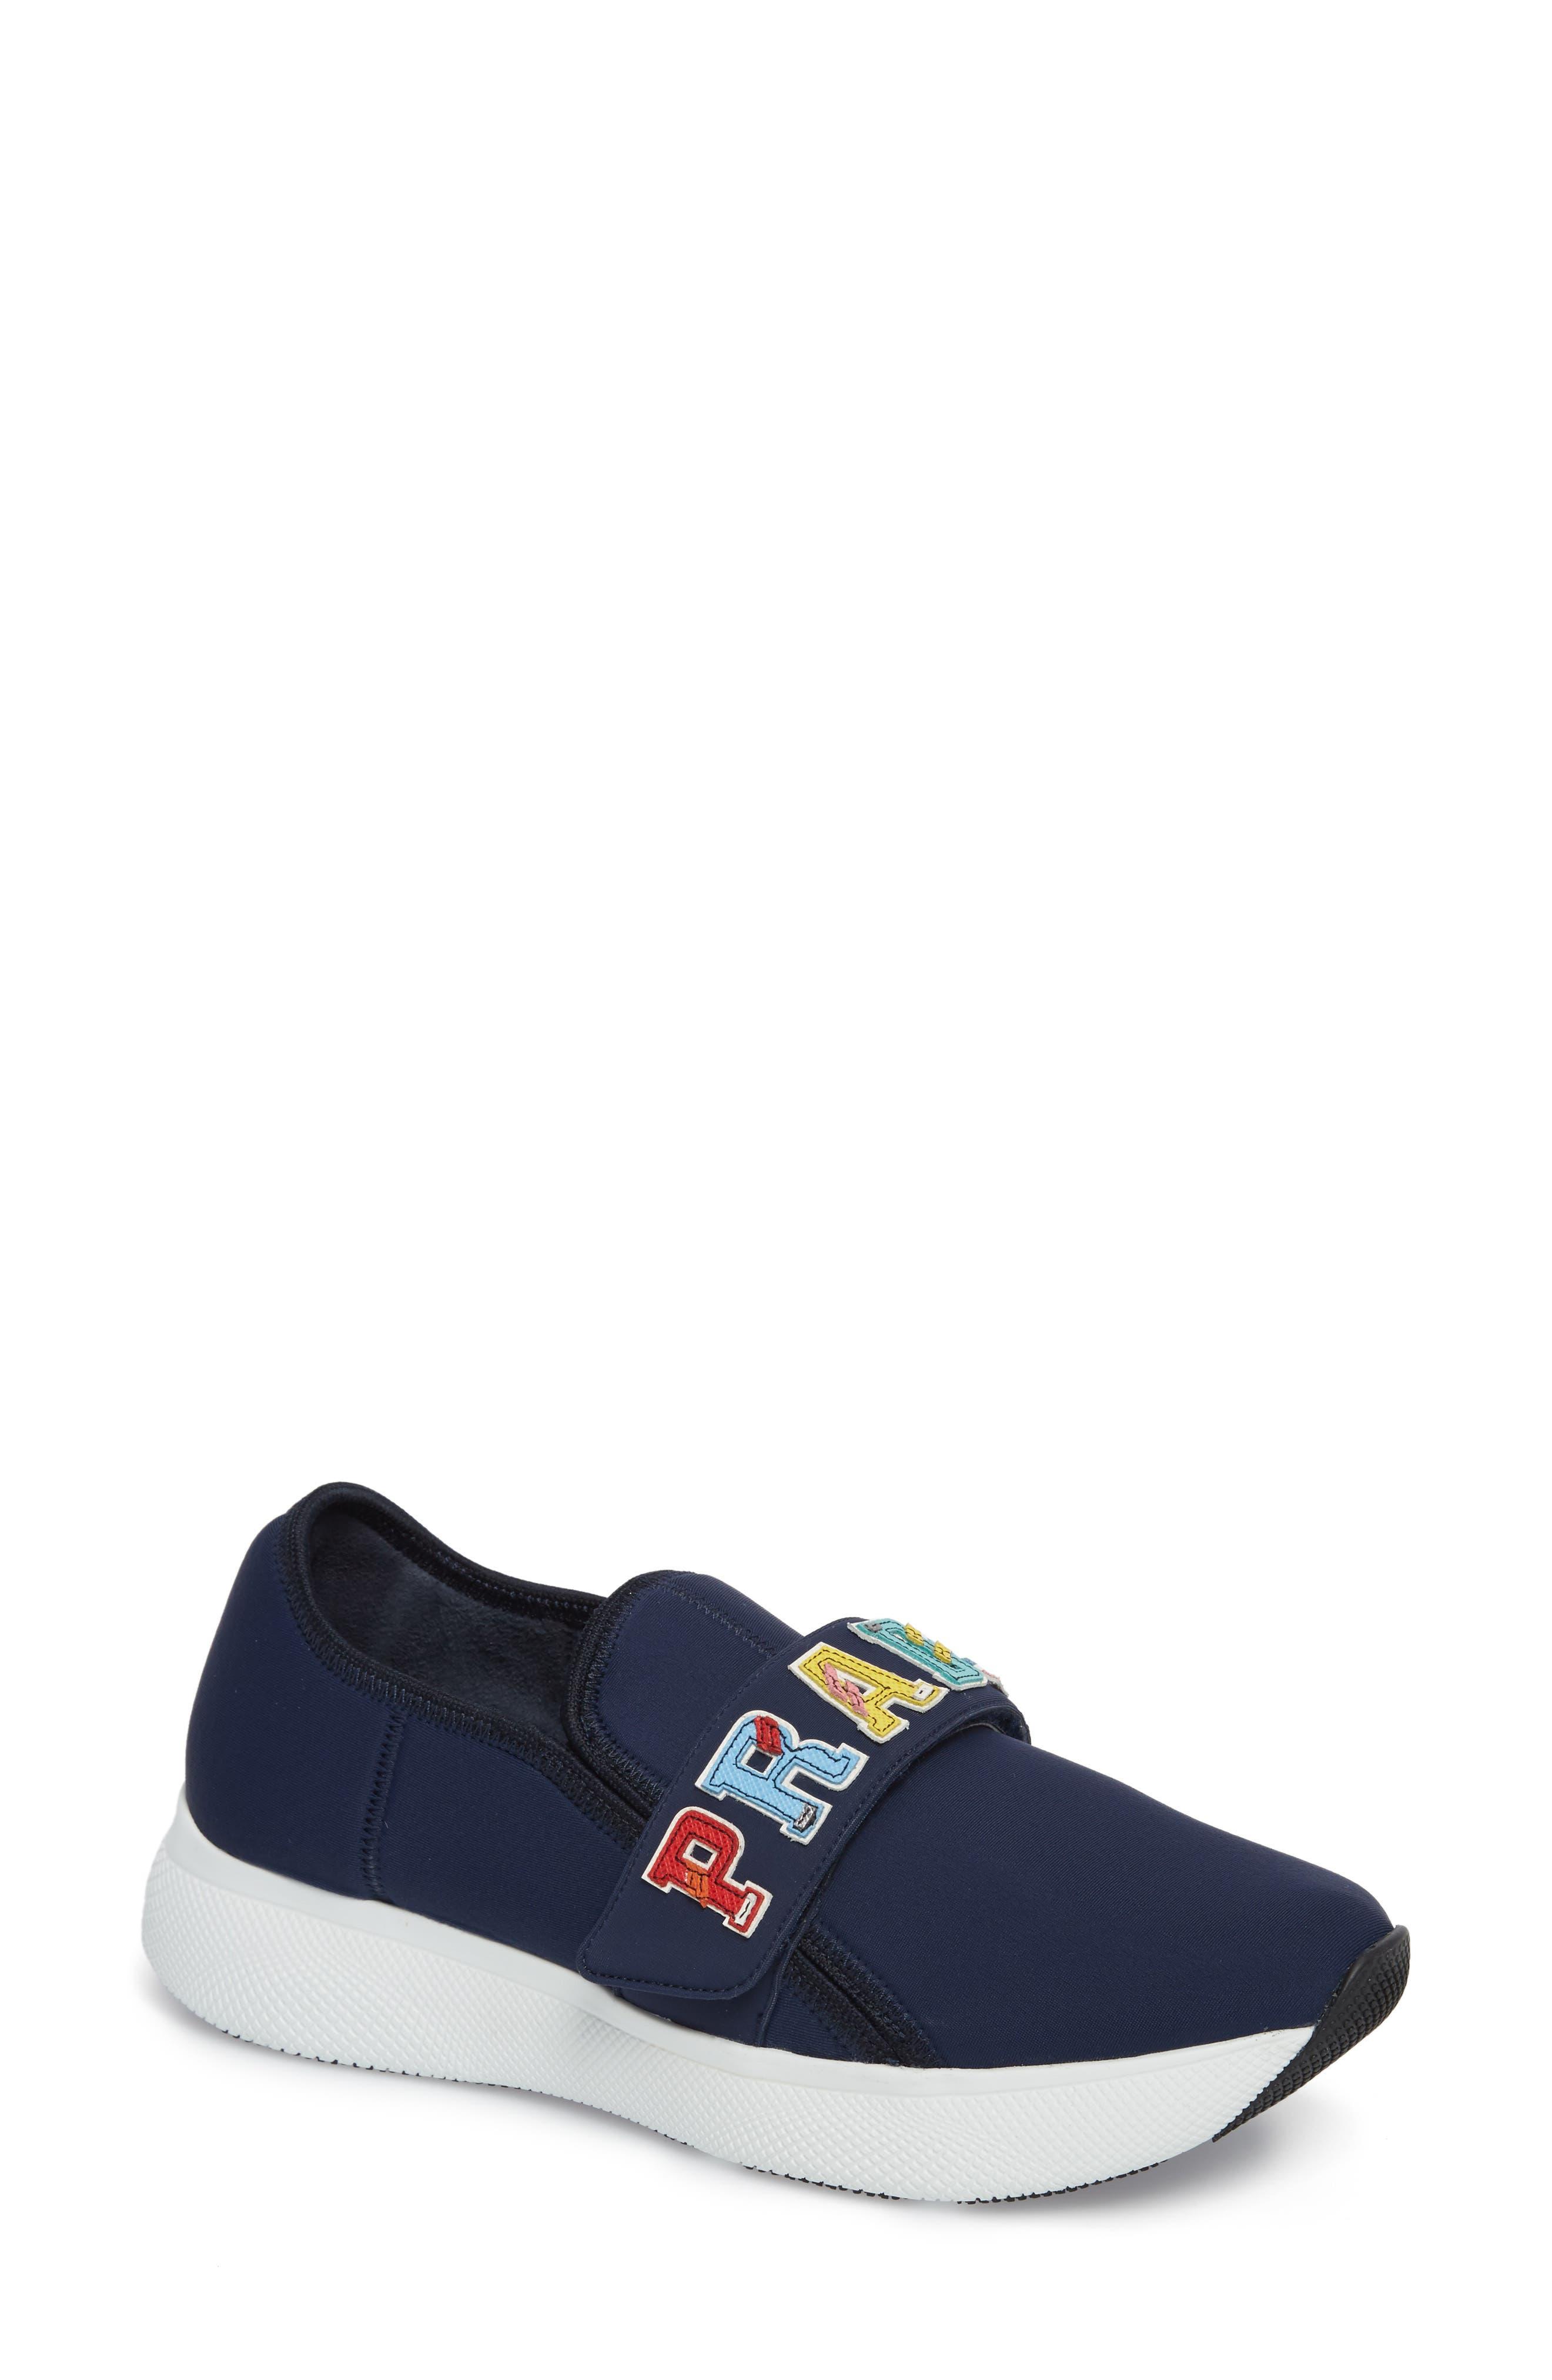 Alternate Image 1 Selected - Prada Logo Strap Low Top Sneaker (Women)